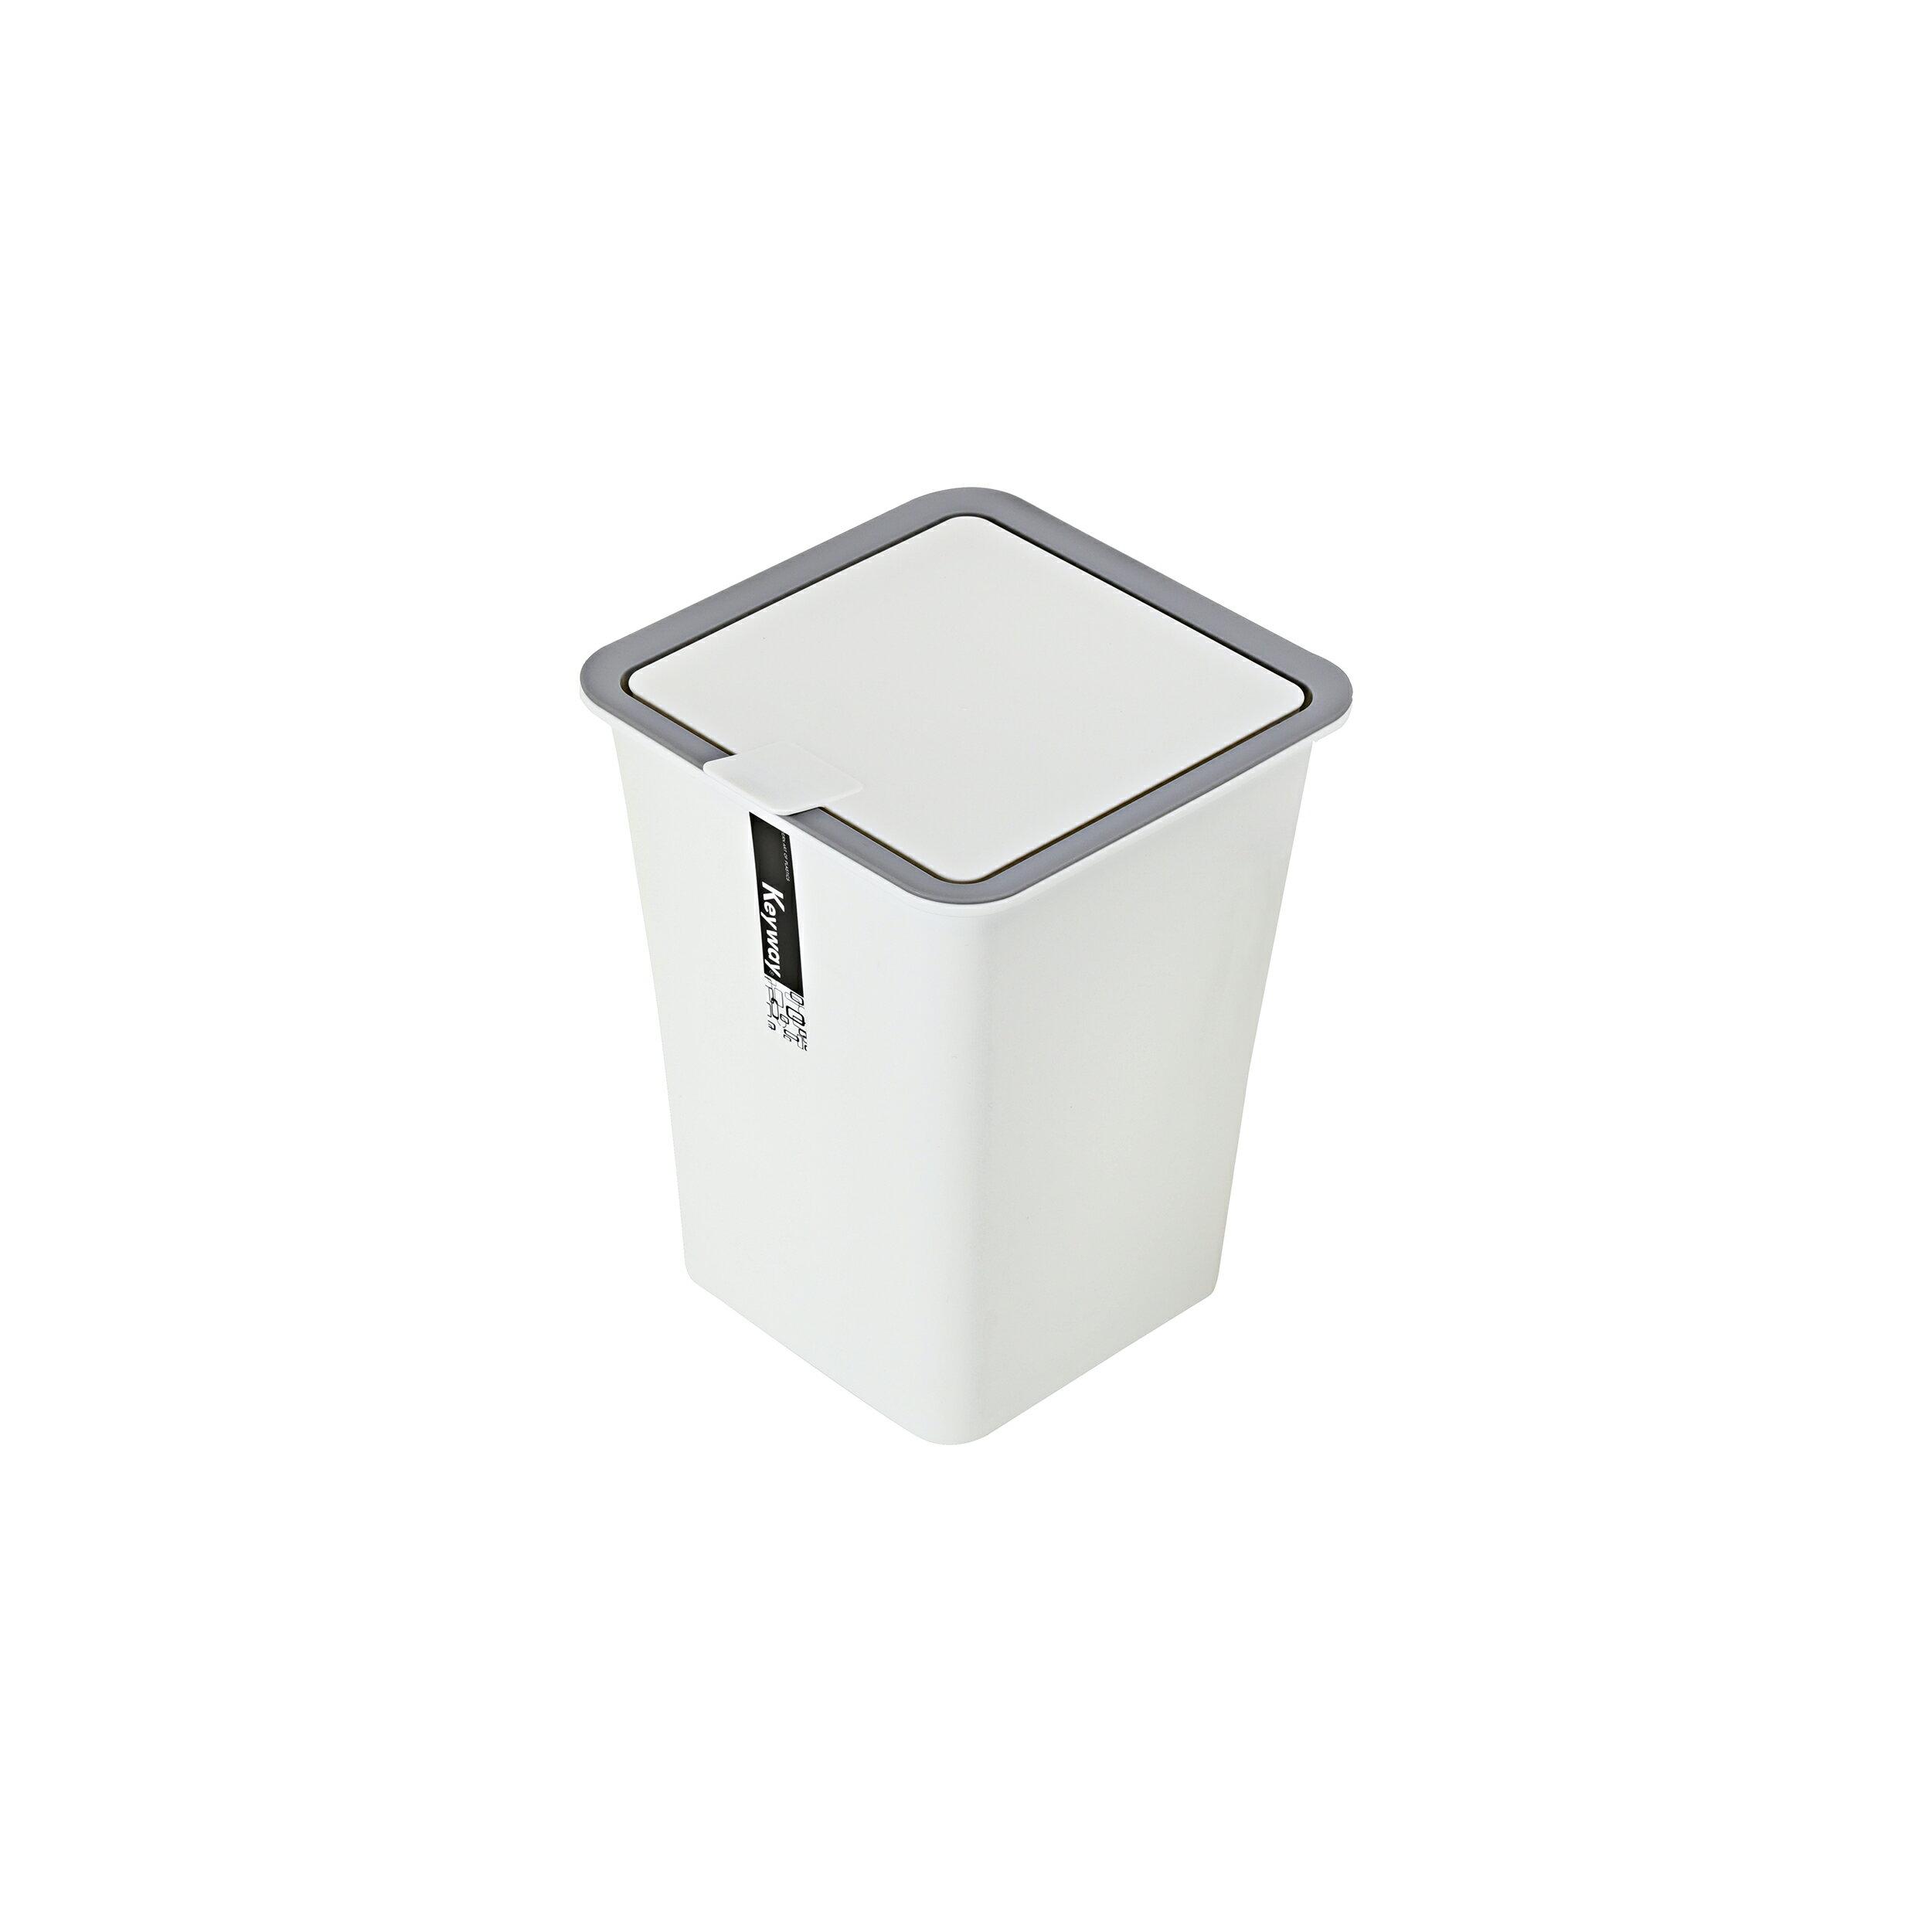 掀蓋式垃圾桶/環保概念/MIT台灣製造 (中)吉納掀蓋垃圾桶 C-5302 KEYWAY聯府